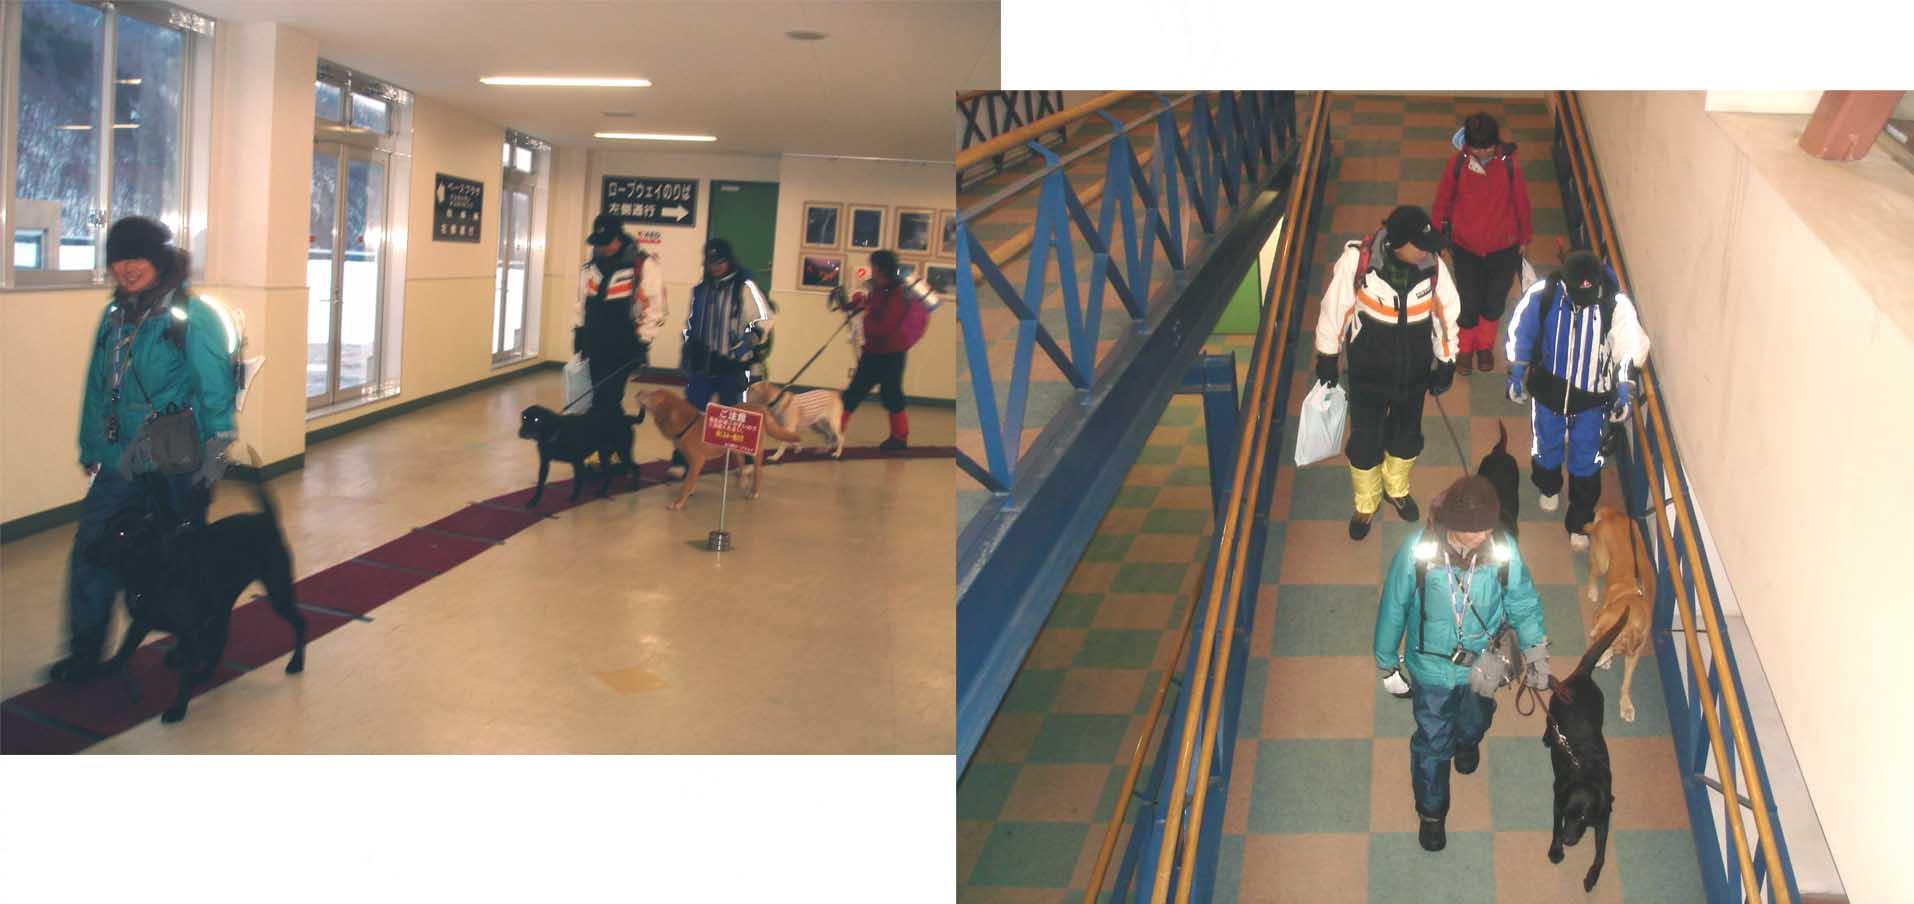 ロープウェイ駅回廊